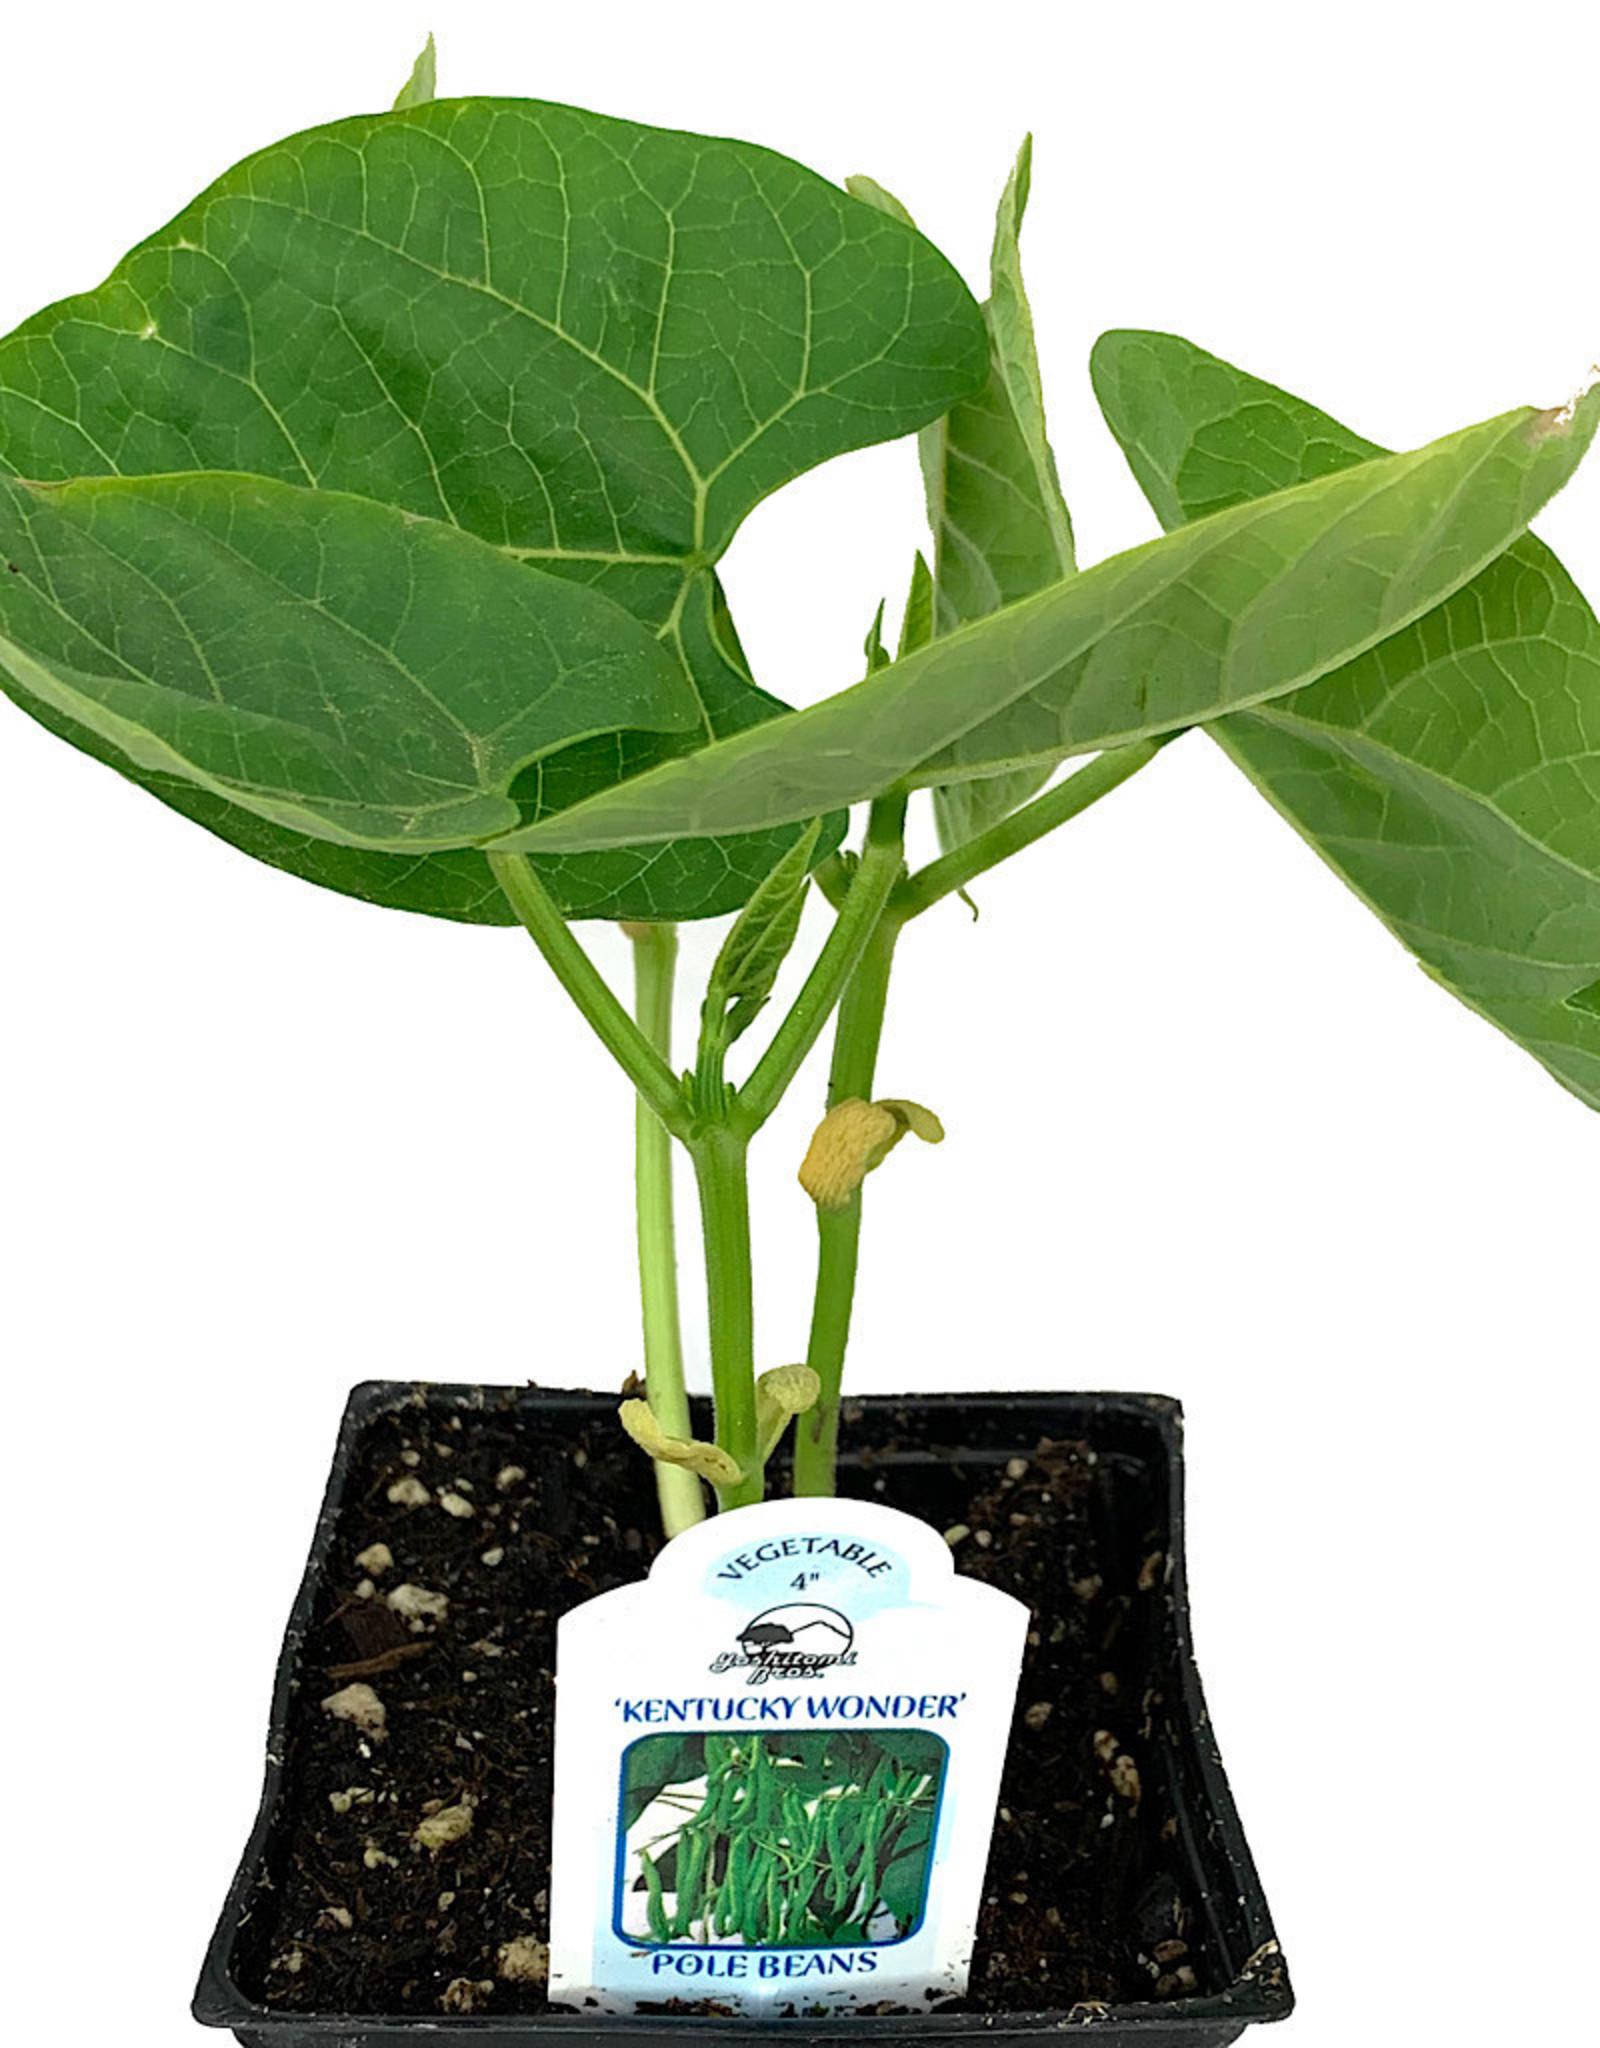 Pole Bean 'Kentucky Wonder' - 4 inch